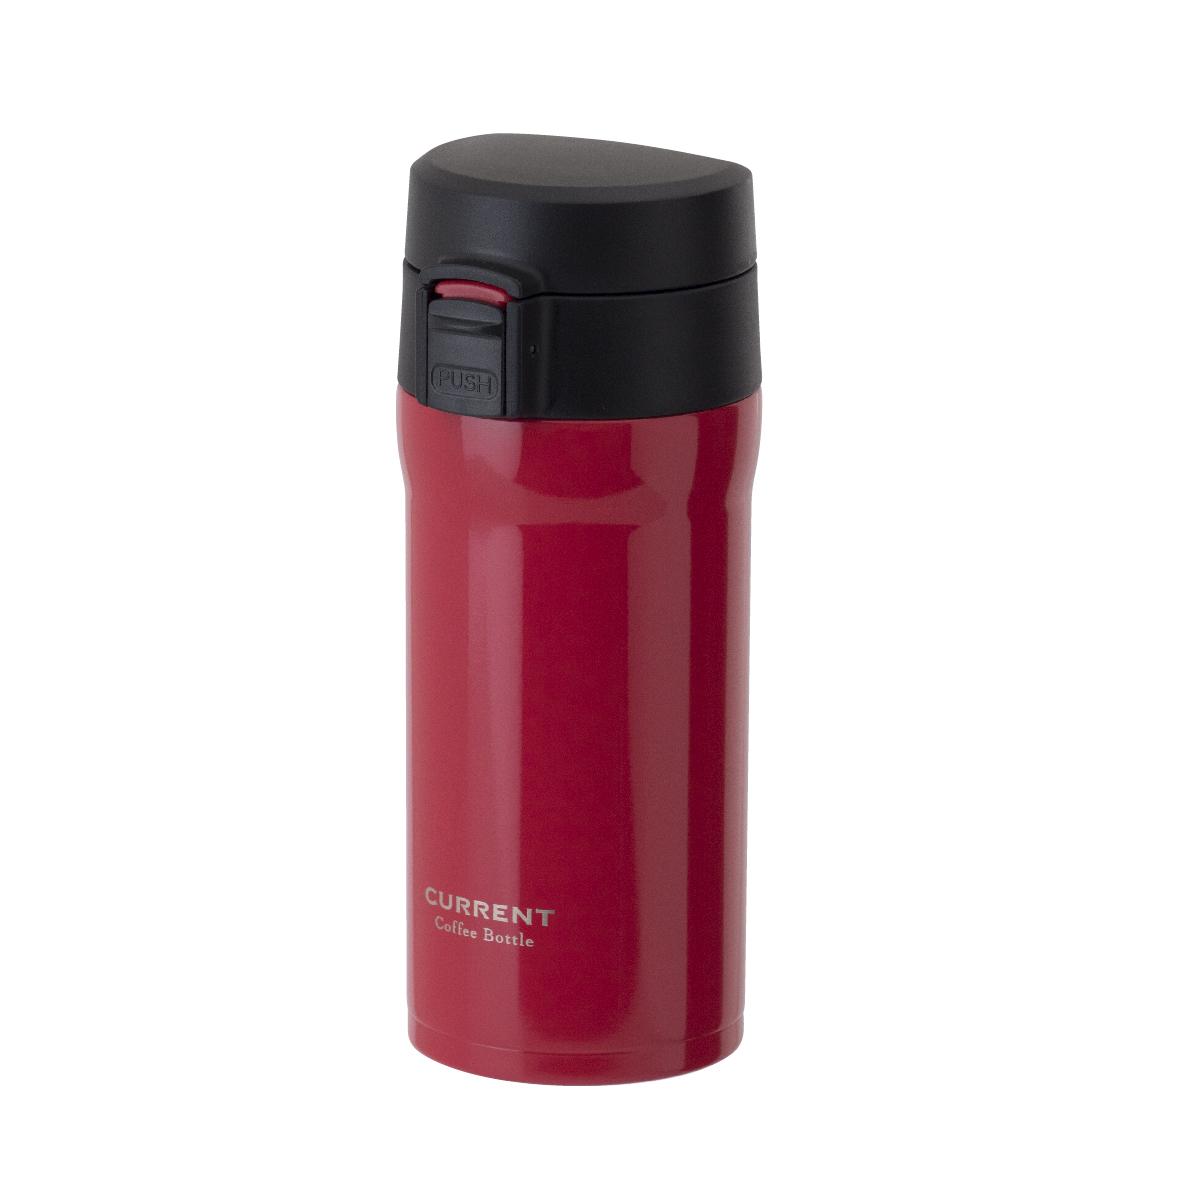 CURRENT コーヒーワンタッチボトル 350ml レッド image01